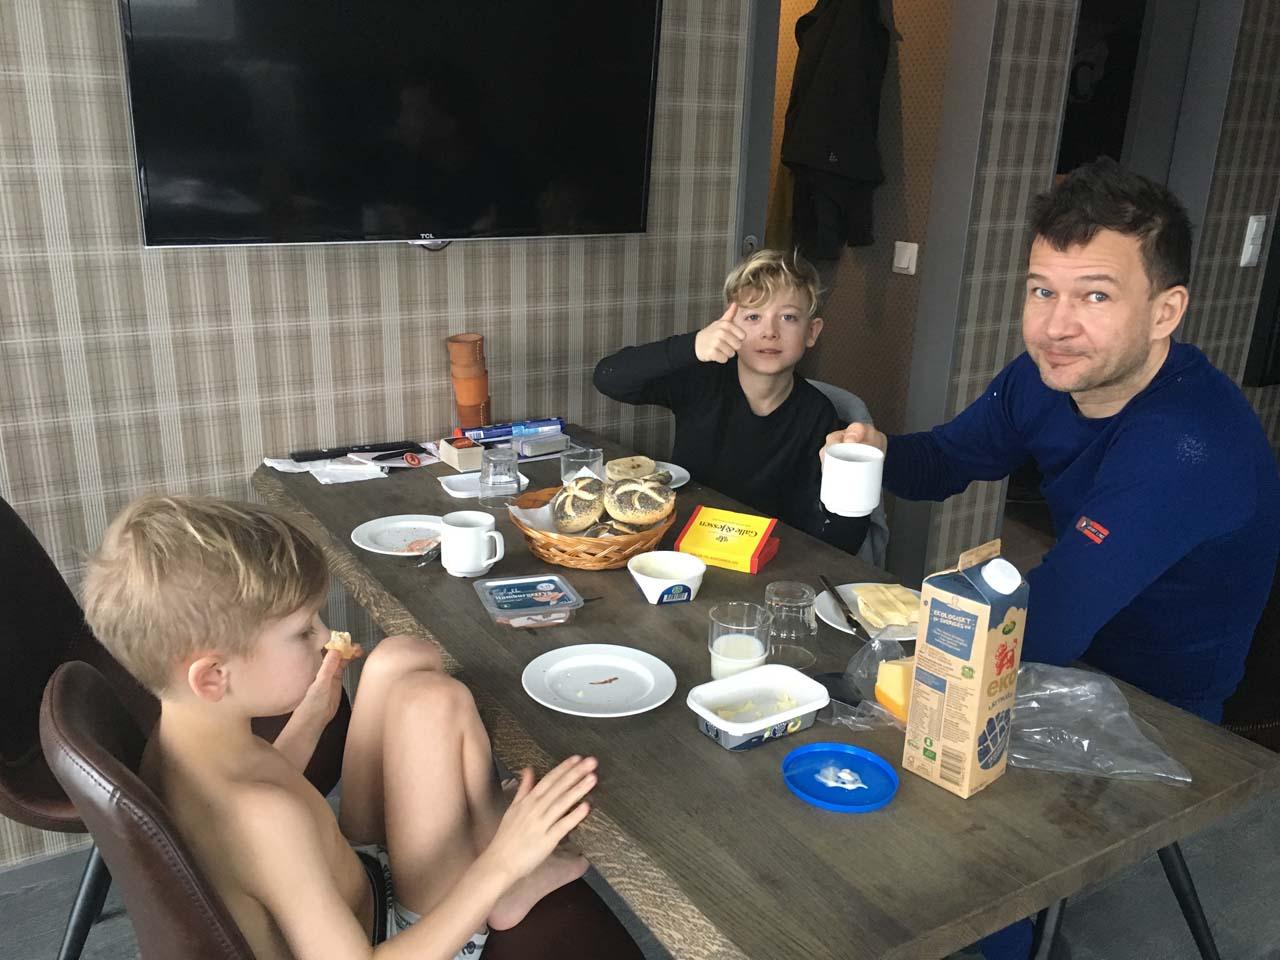 Hjemmebragt morgenmad i lejligheden